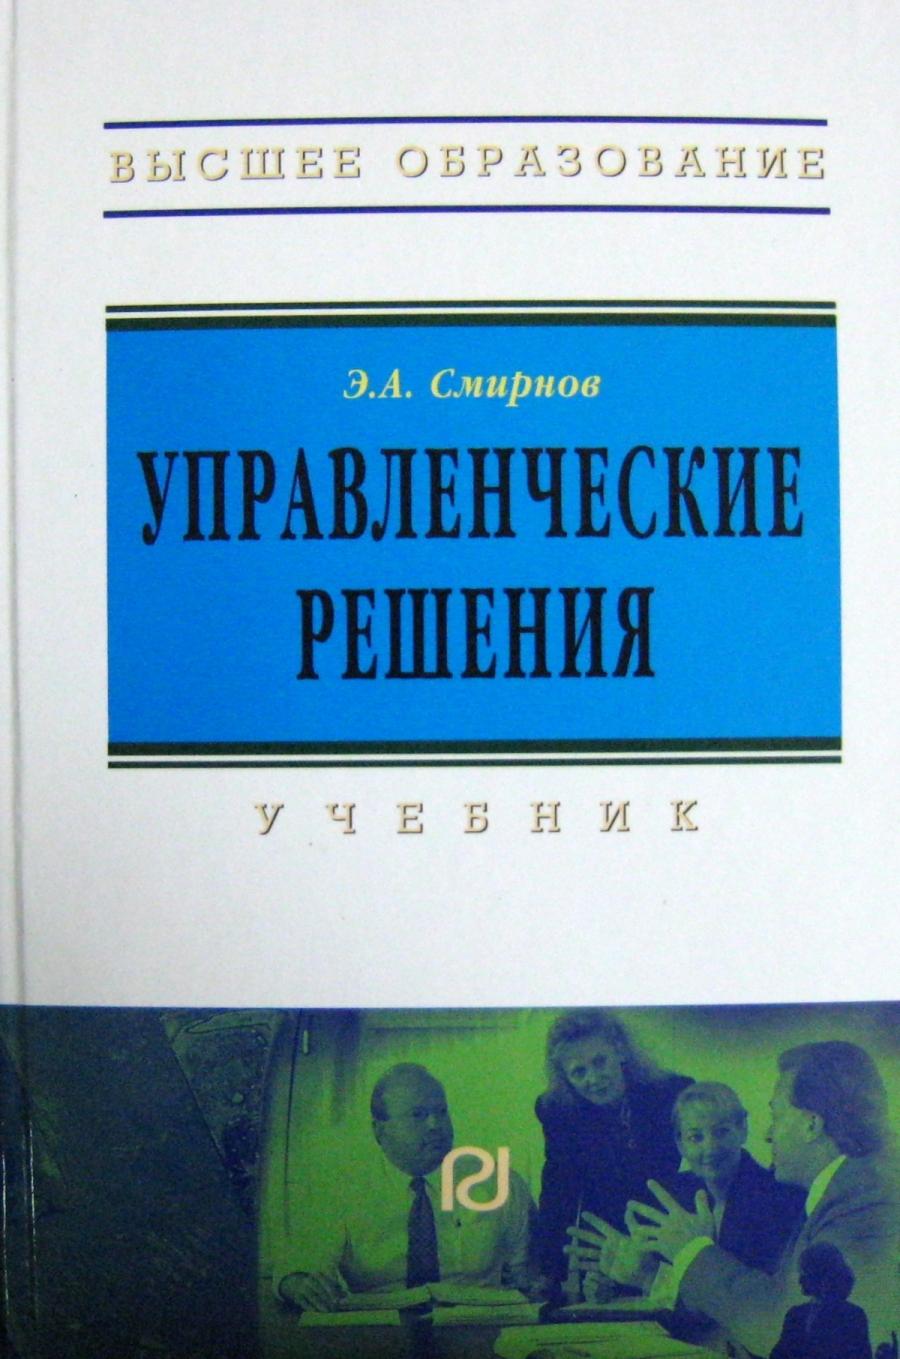 Обложка книги:  смирнов э.а. - управленческие решения